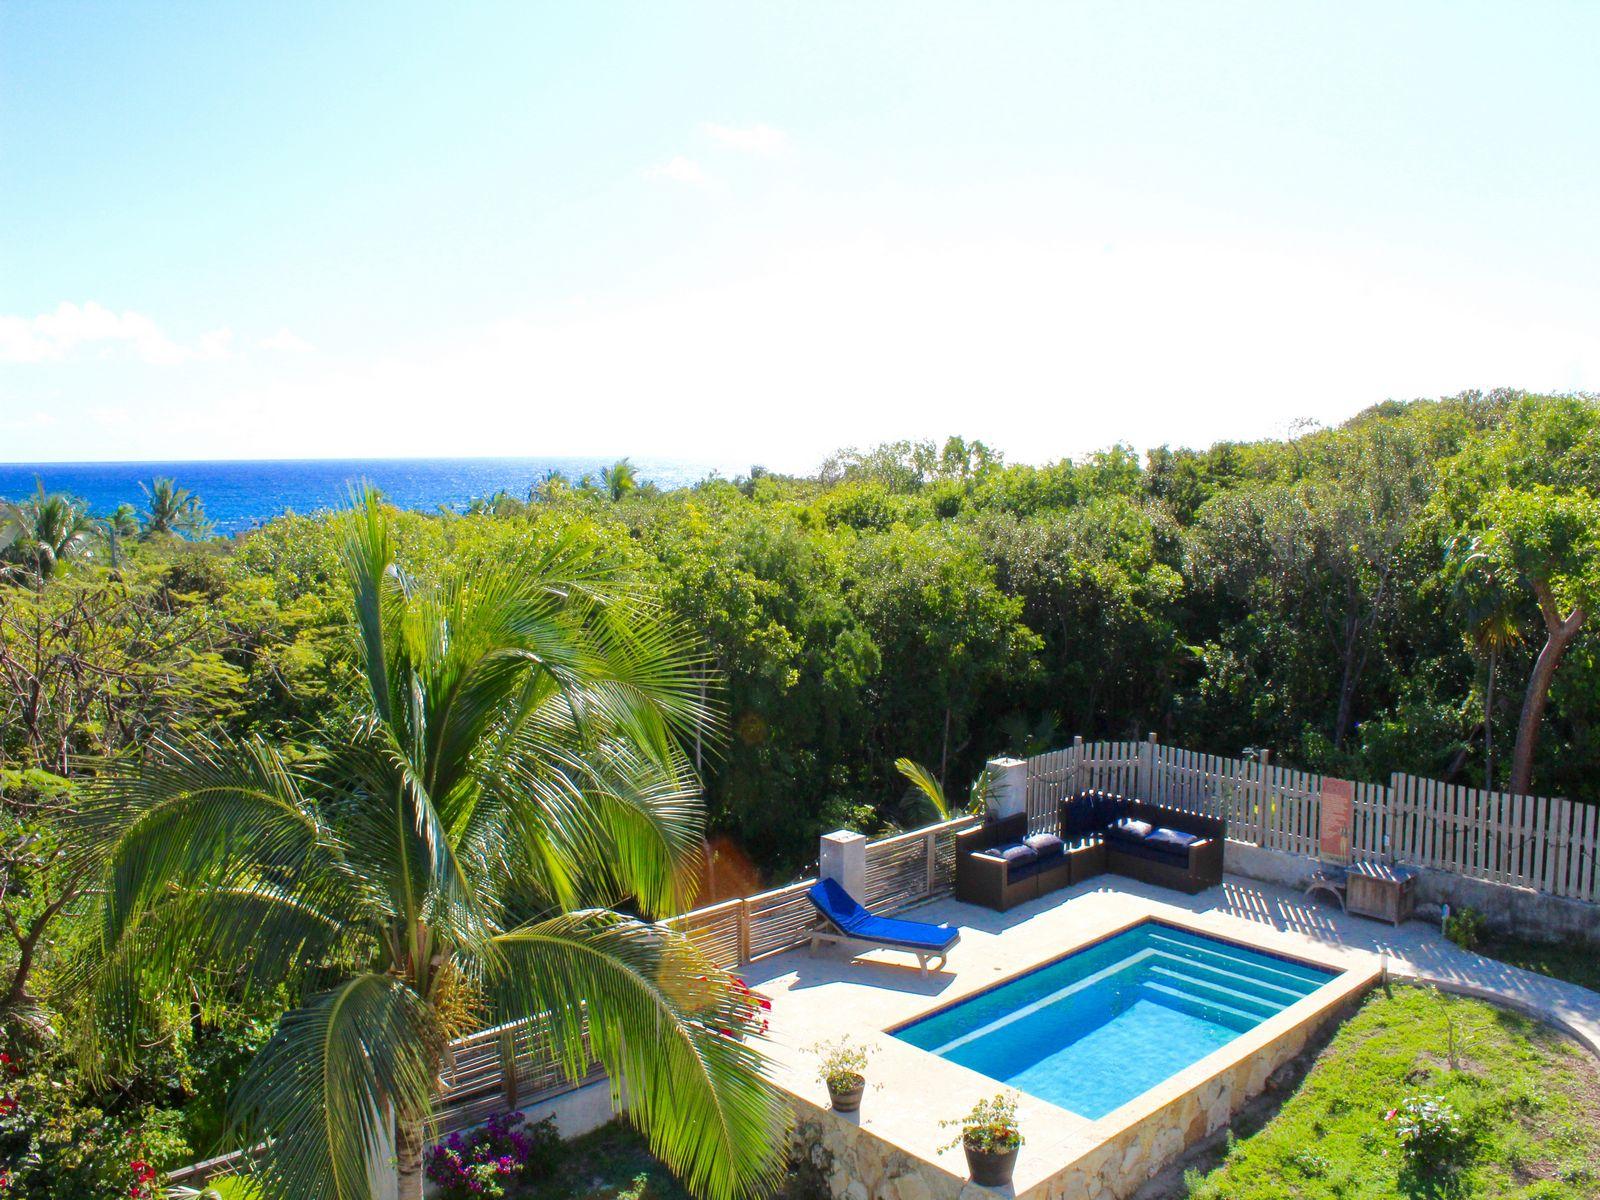 独户住宅 为 销售 在 My My Ocean Villa Harbour Island, 伊路瑟拉, 巴哈马